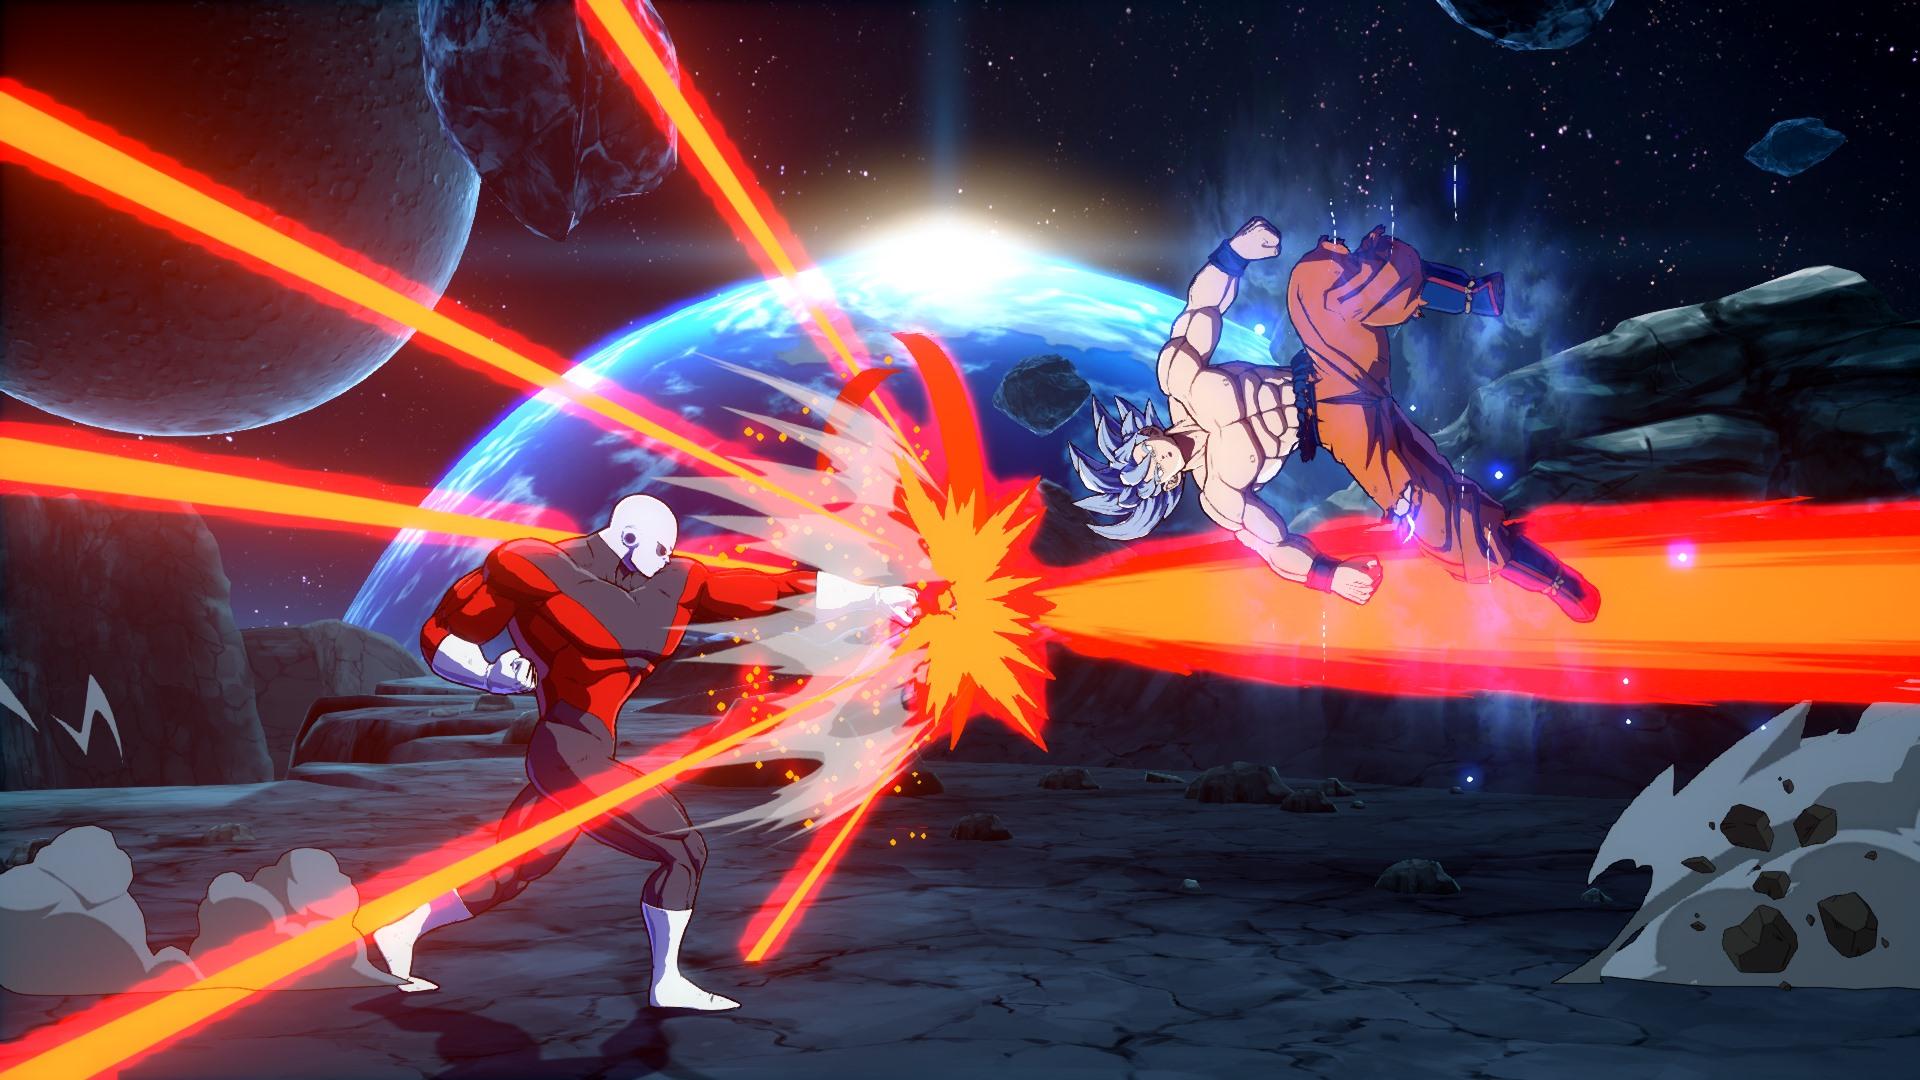 Dragon Ball FighterZ DLC Character Goku Ultra Instinct Screen 6